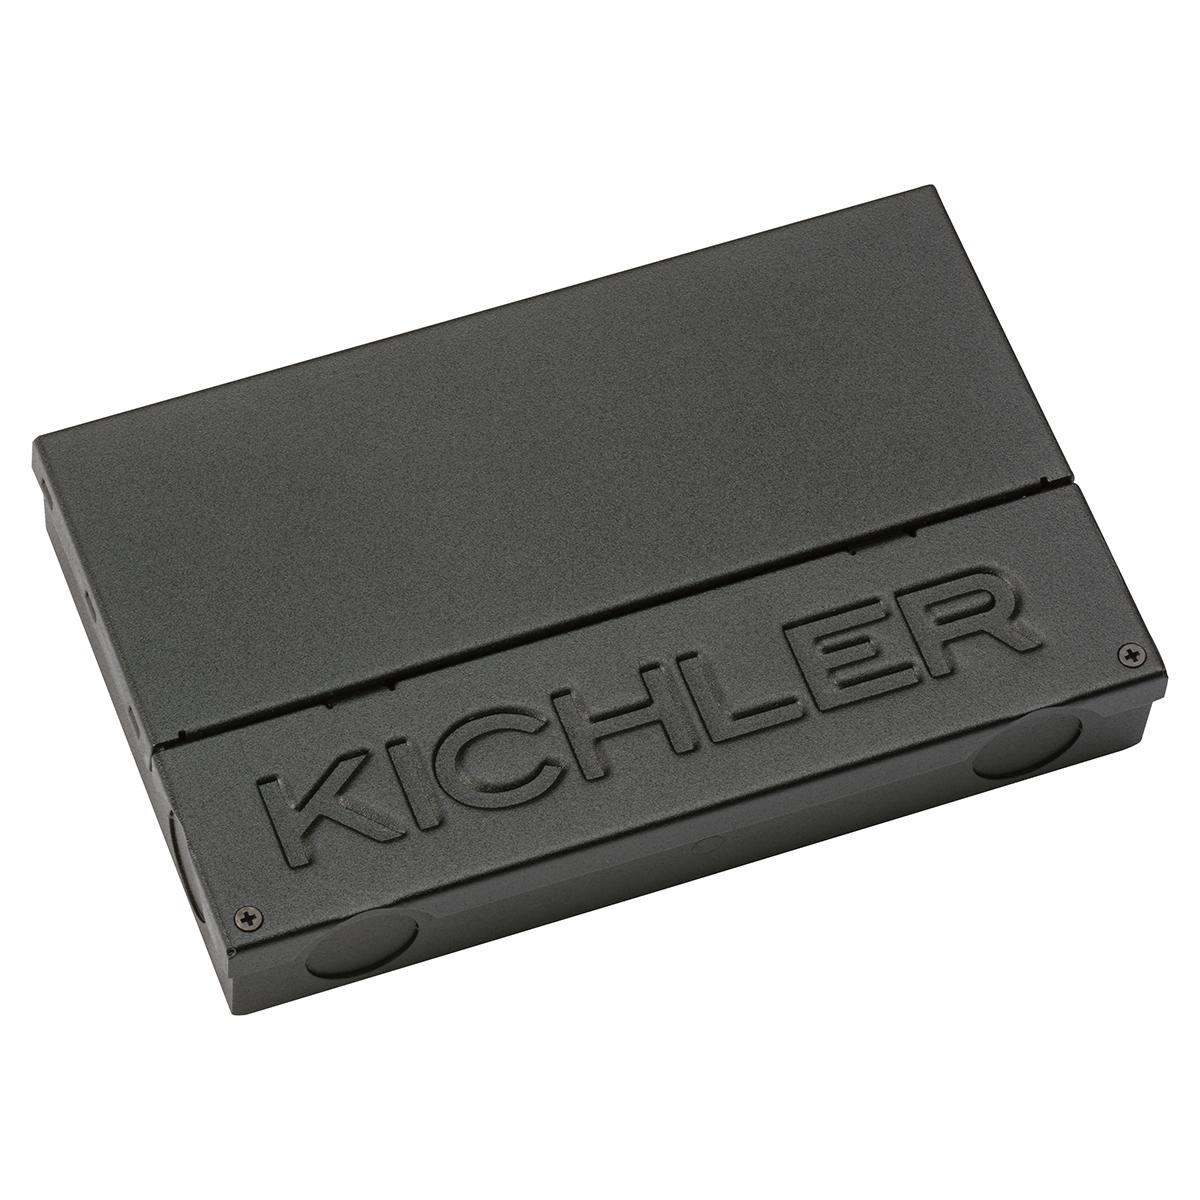 6TD24V60BKT KICHLER 24V DIMMABLE 60W POWER SUPPLY